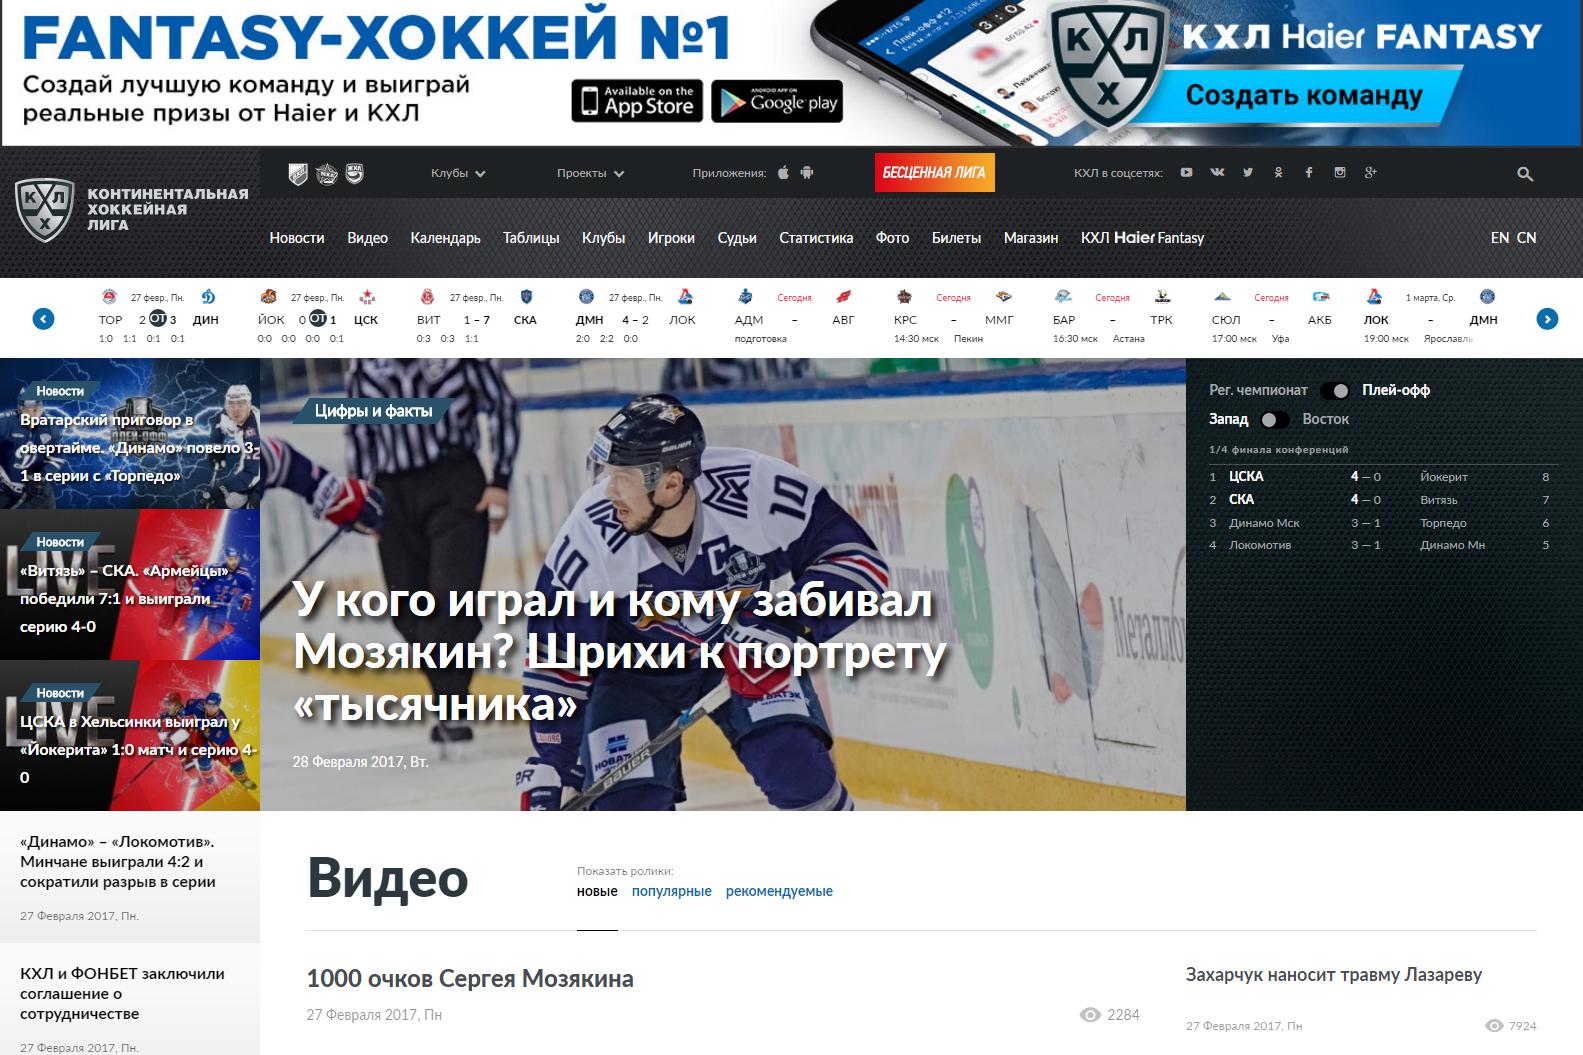 Опечатка на главной странице КХЛ